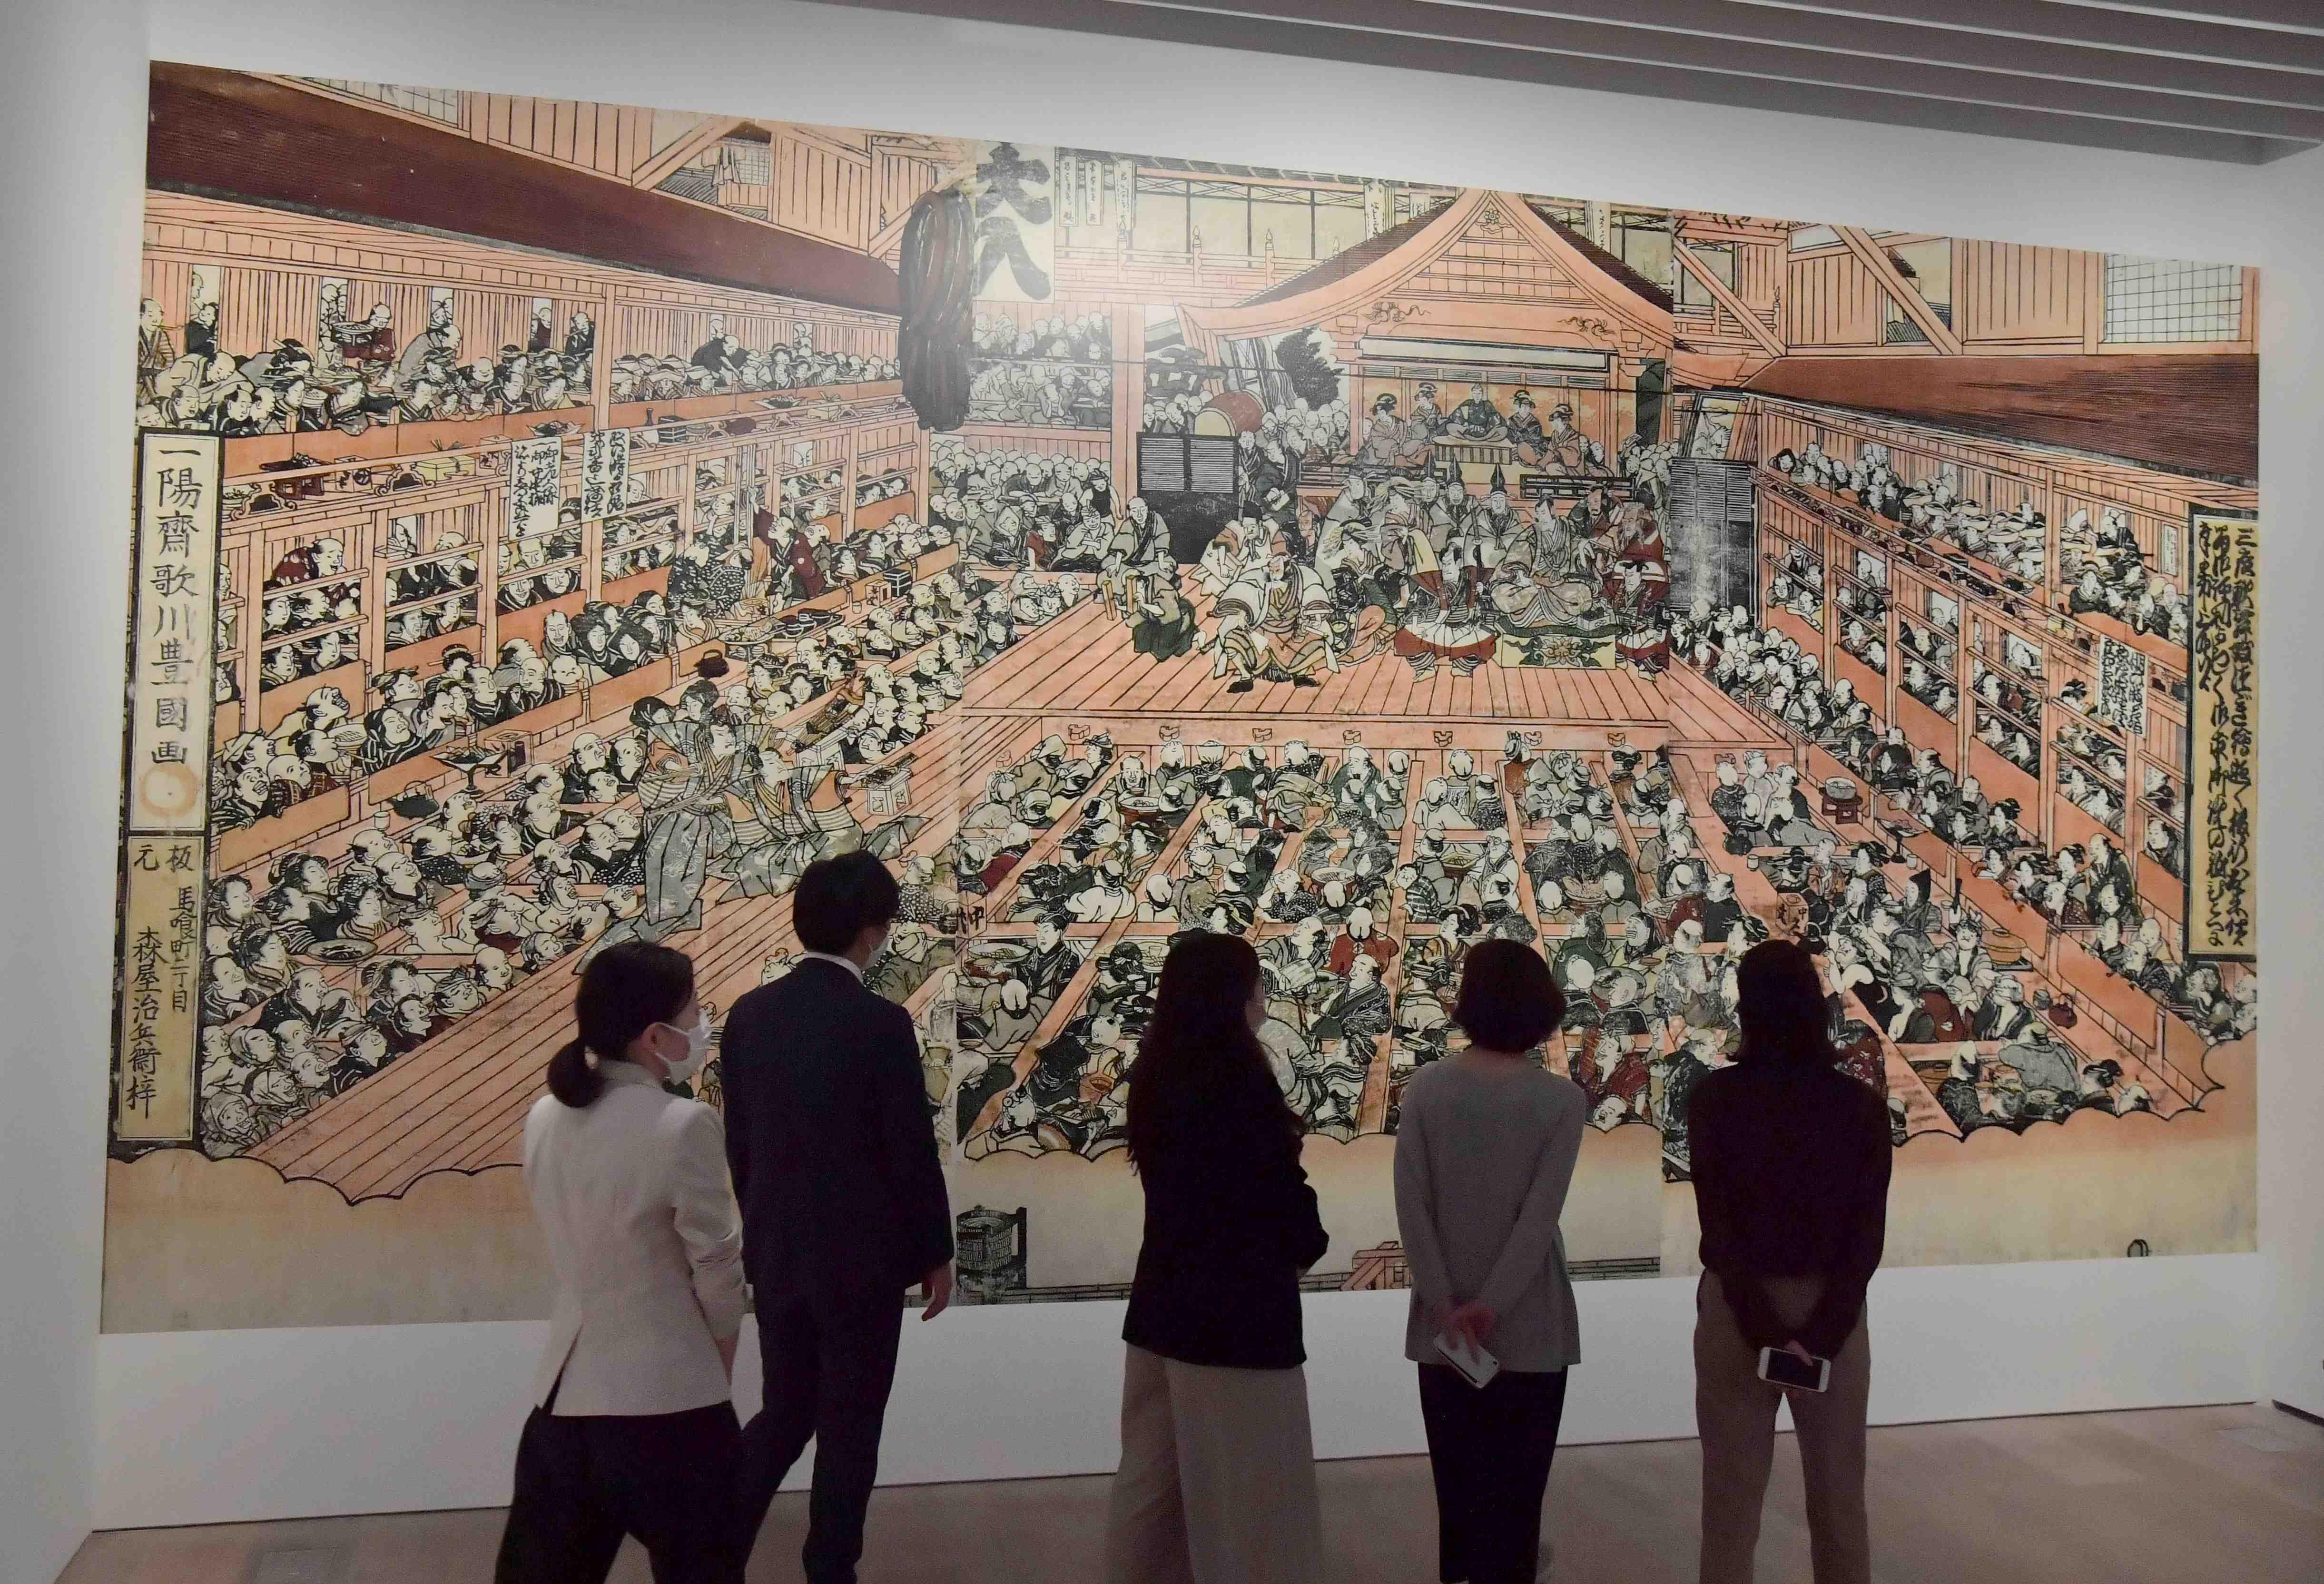 Oishii Ukiyo-e exhibit in Tokyo